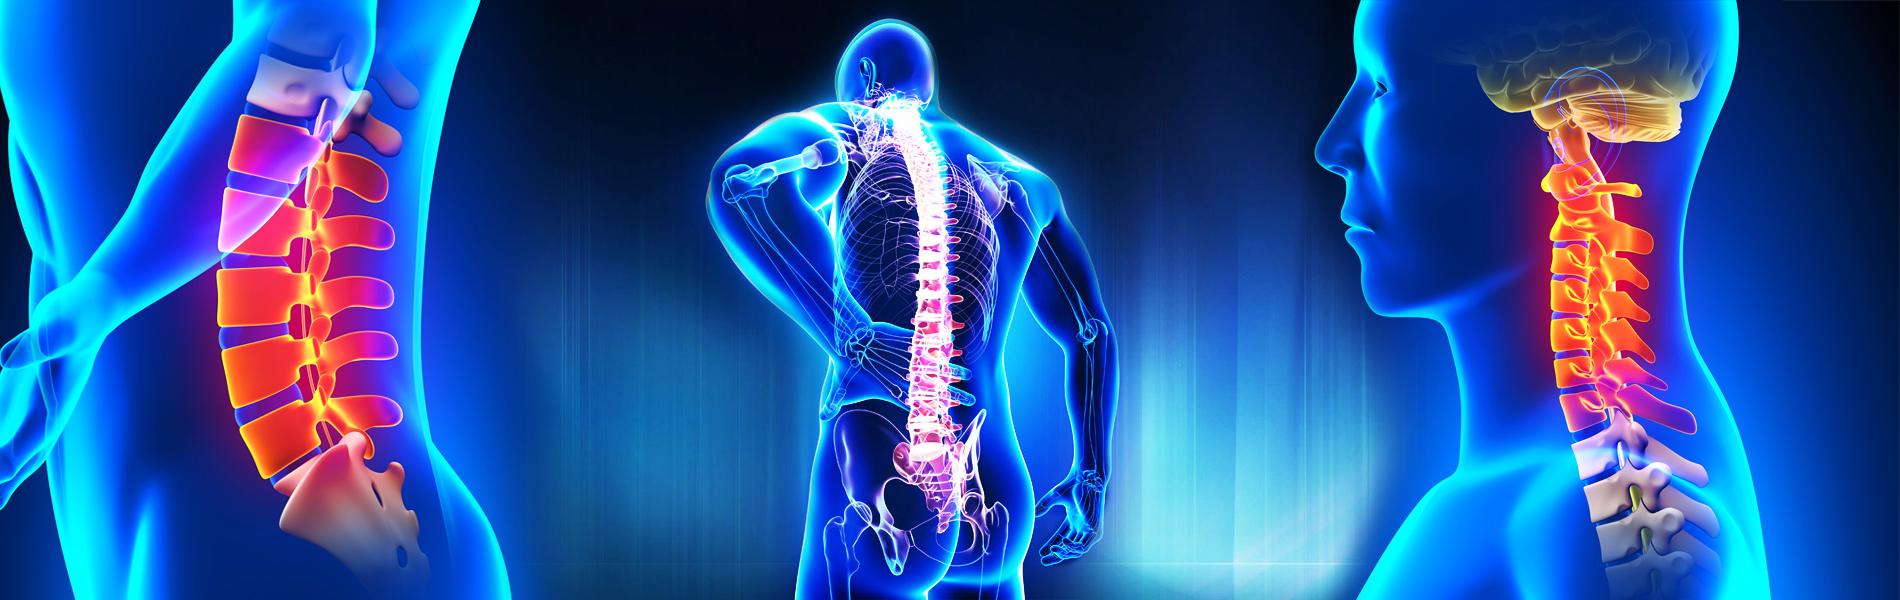 Reconstructive spine surgery in Boynton Beach ...